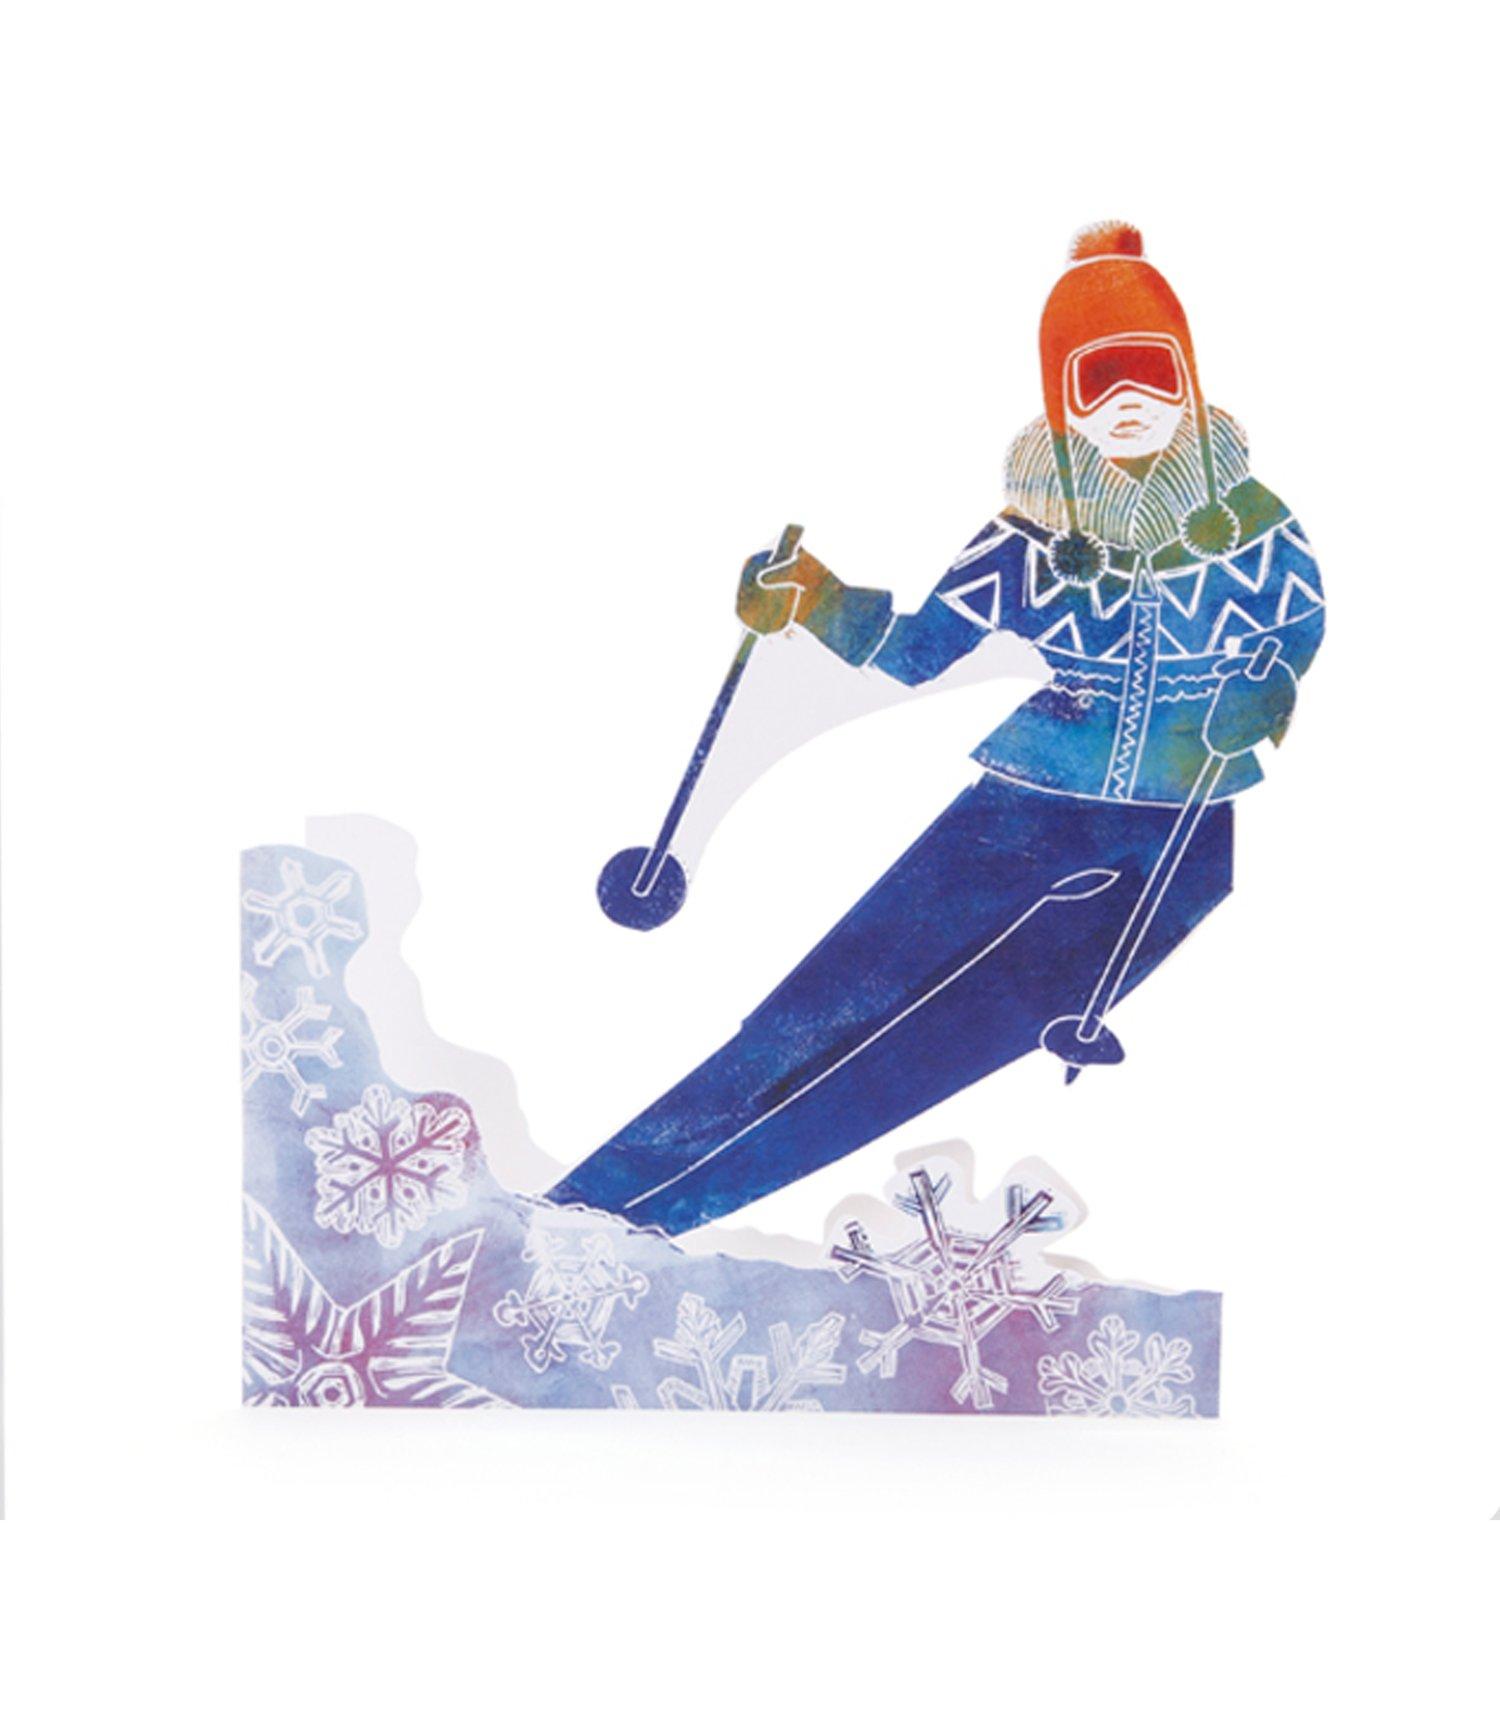 Image of Girl Skier 3D